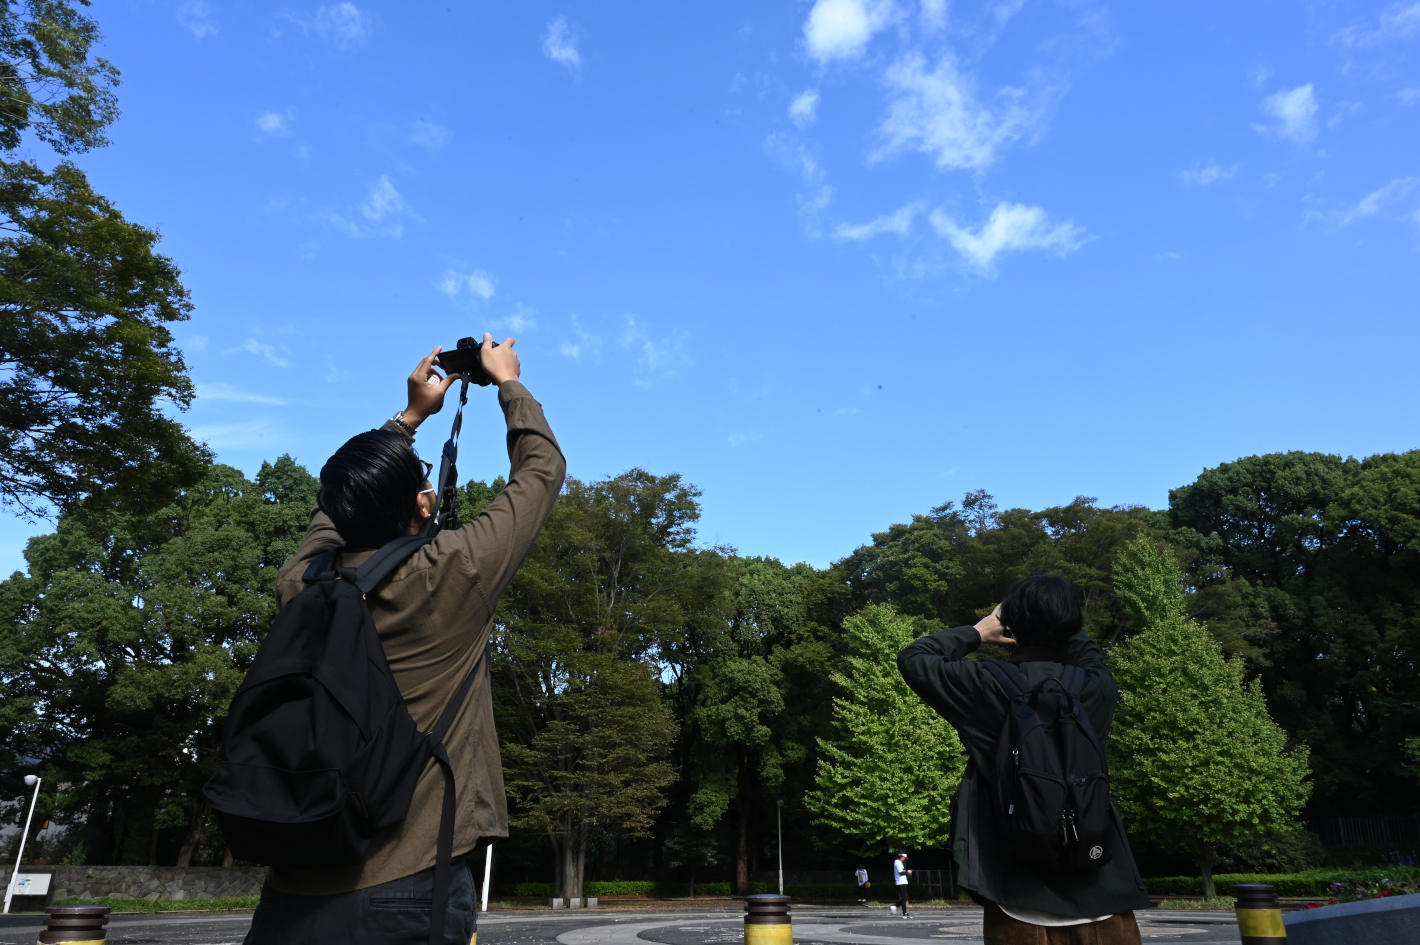 カメラを持って散歩にいこう!いつもの散歩が楽しくなる6つの視点